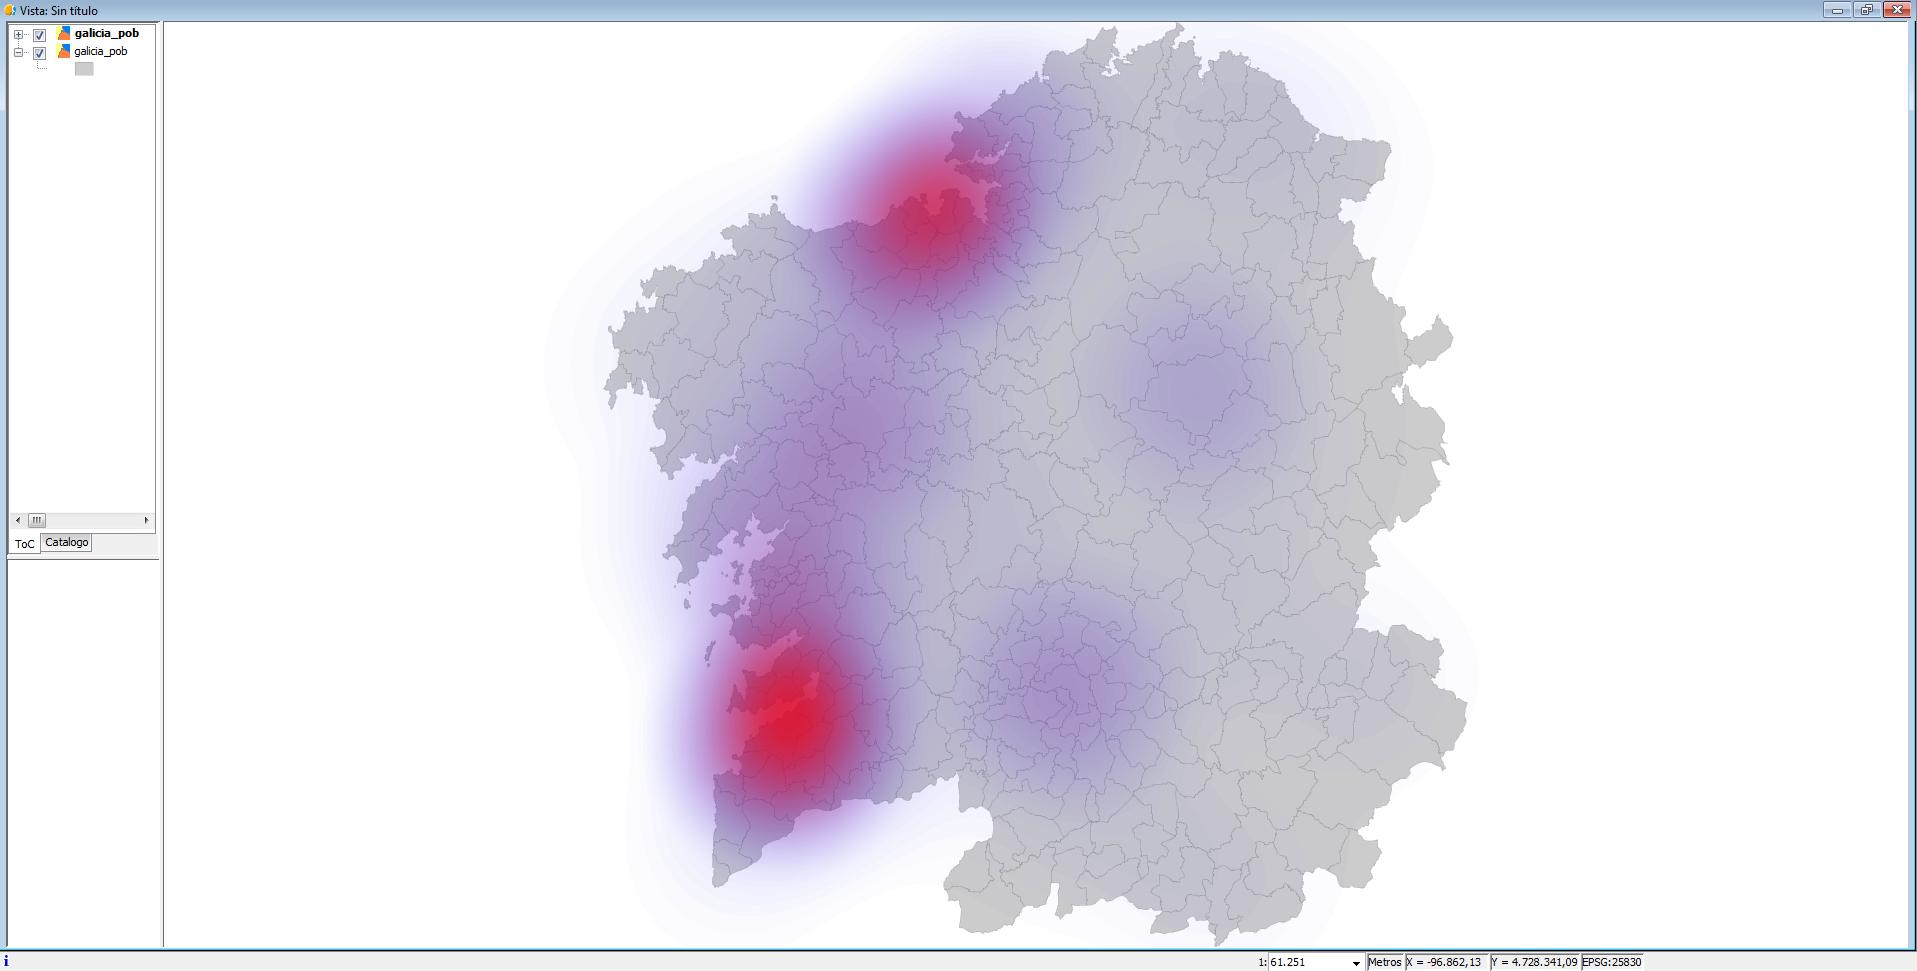 Heatmap_GvSIG4